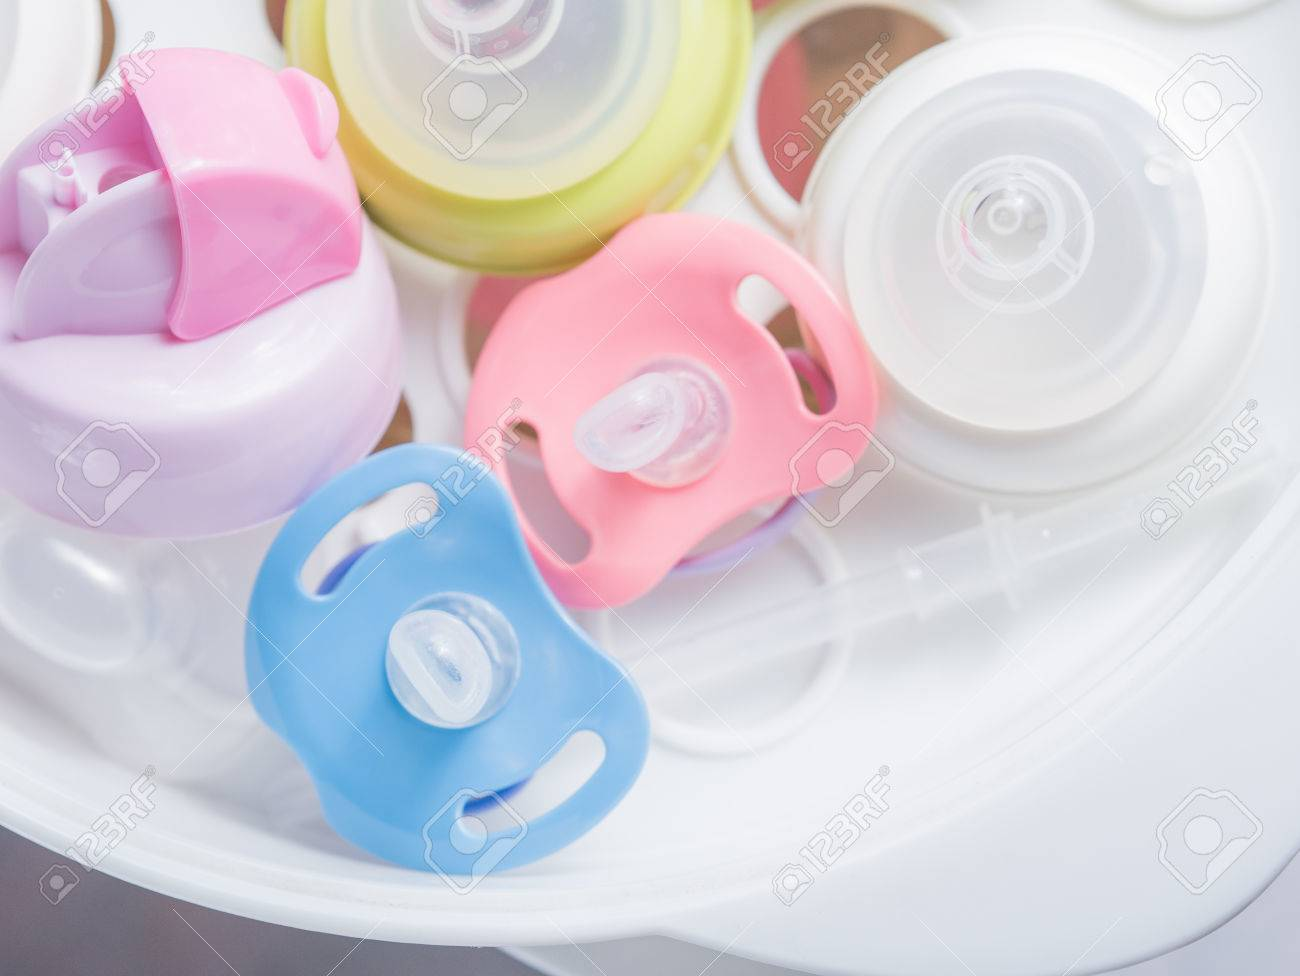 Dampf sterilisator und trockner für sterilisieren baby zubehör